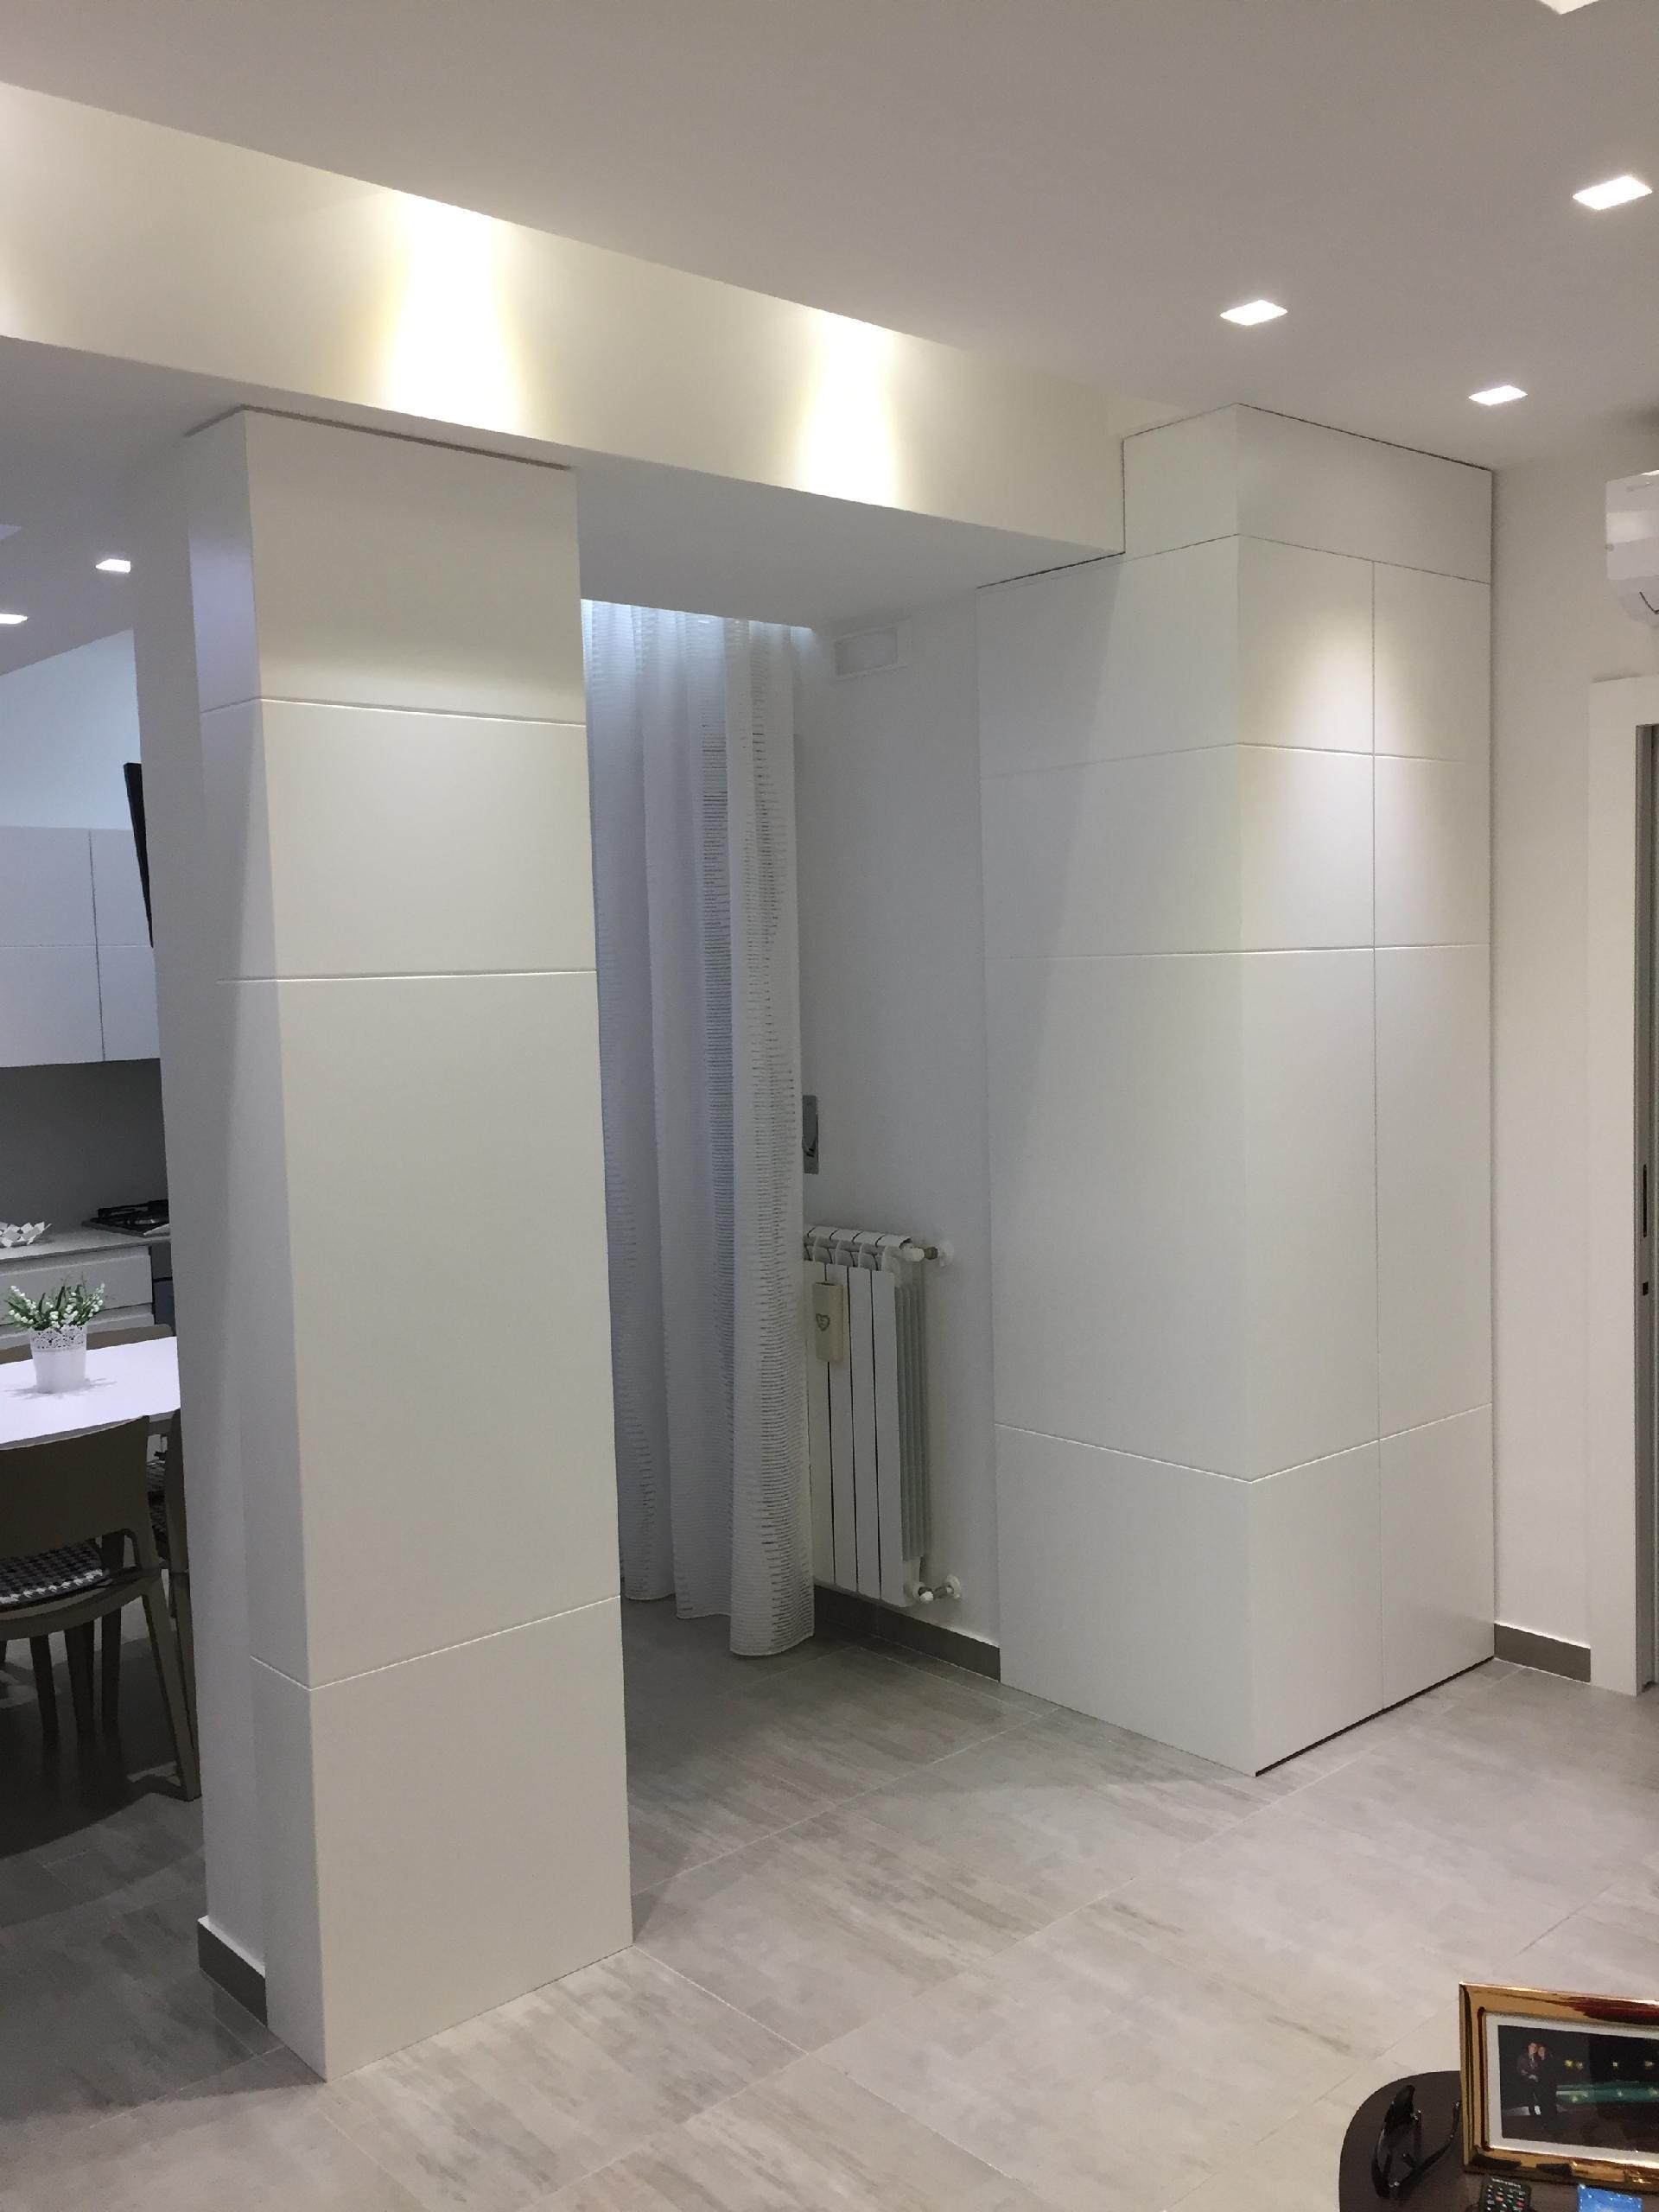 Arredamenti per casa cucina porte bagno arredamento - Cucina per casa ...